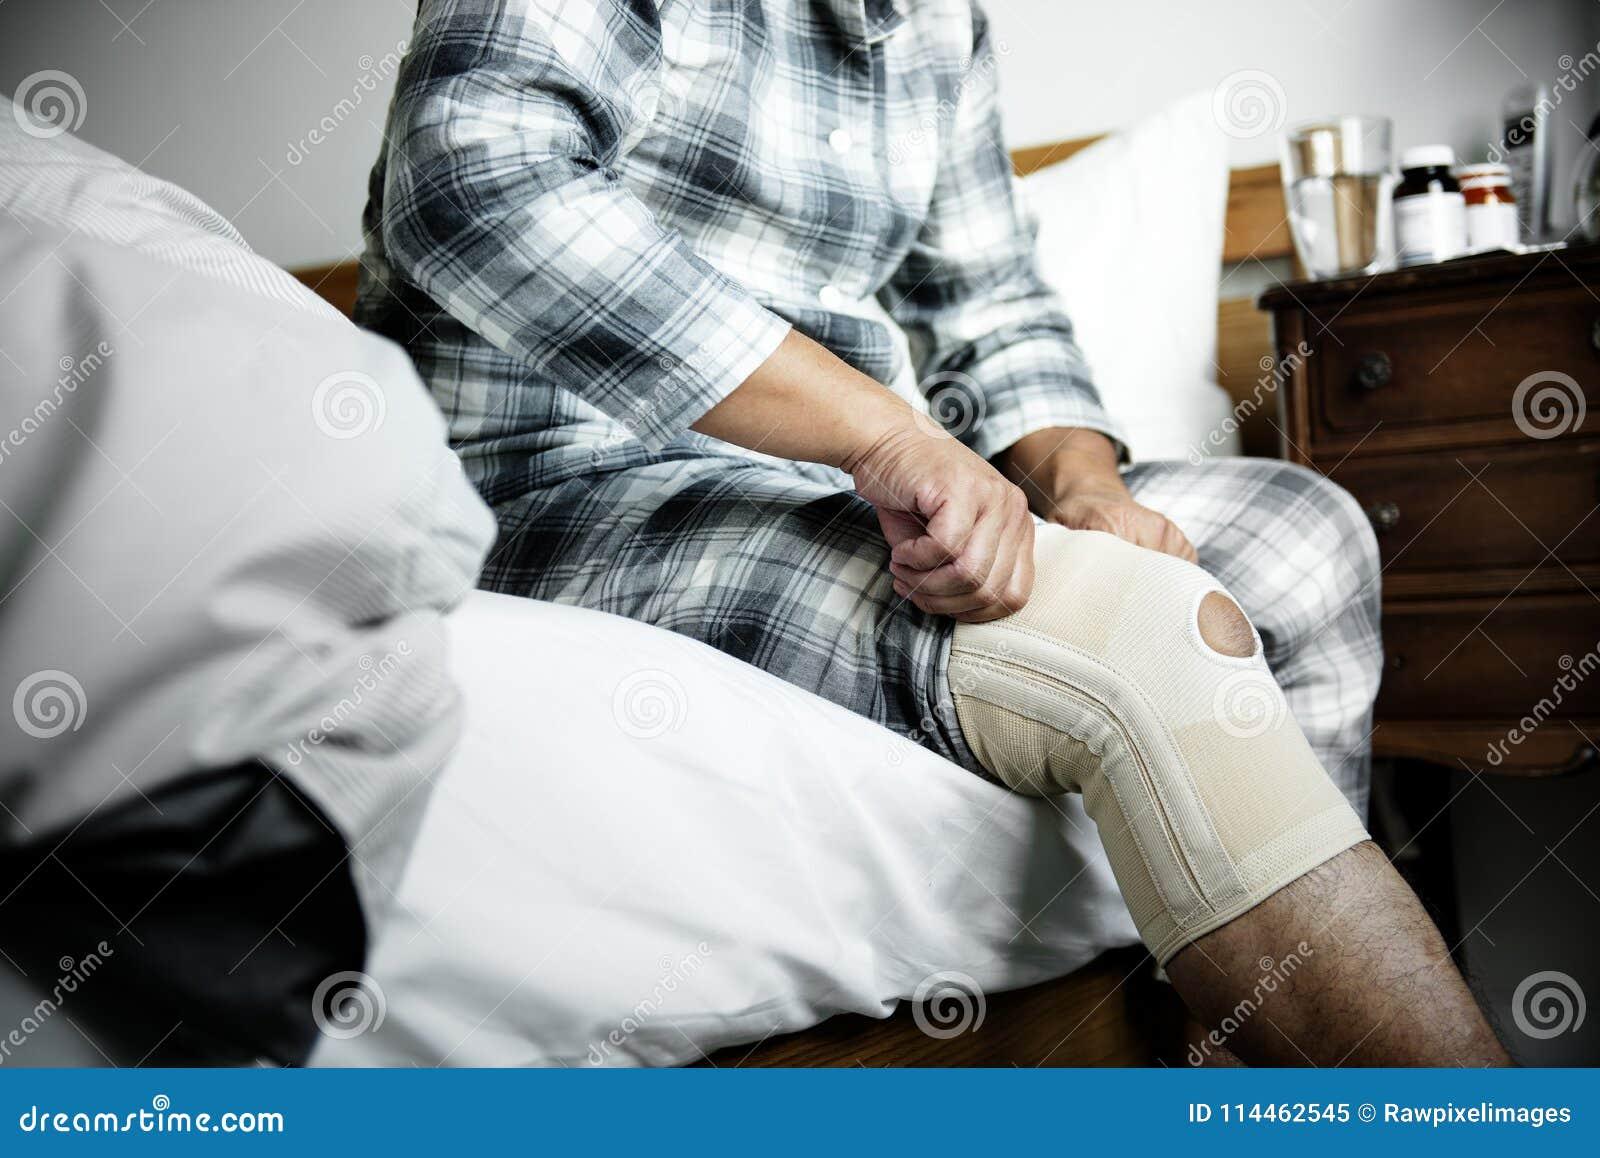 Un hombre que tiene una lesión de rodilla